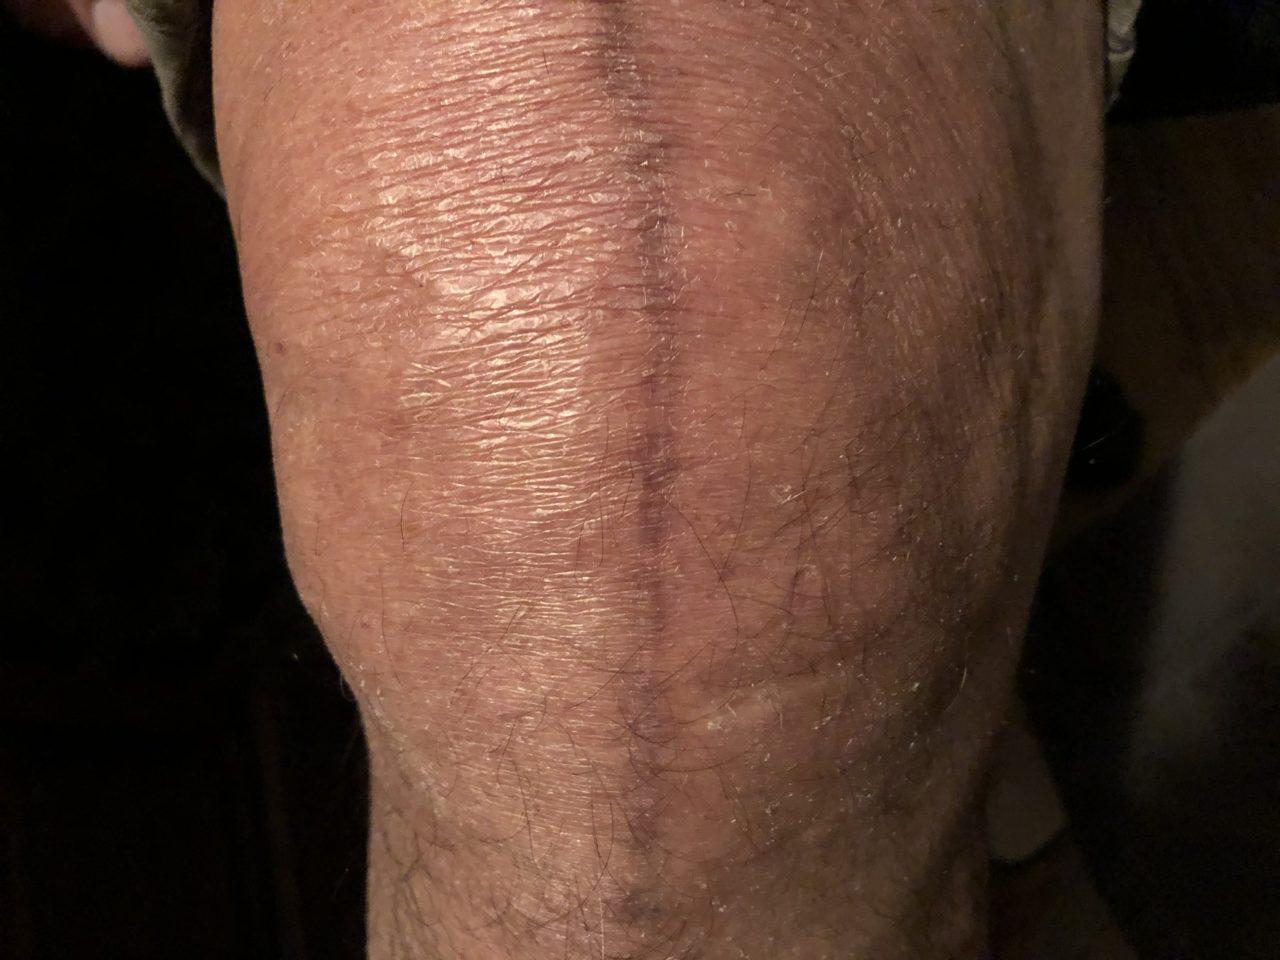 Zaf's scar